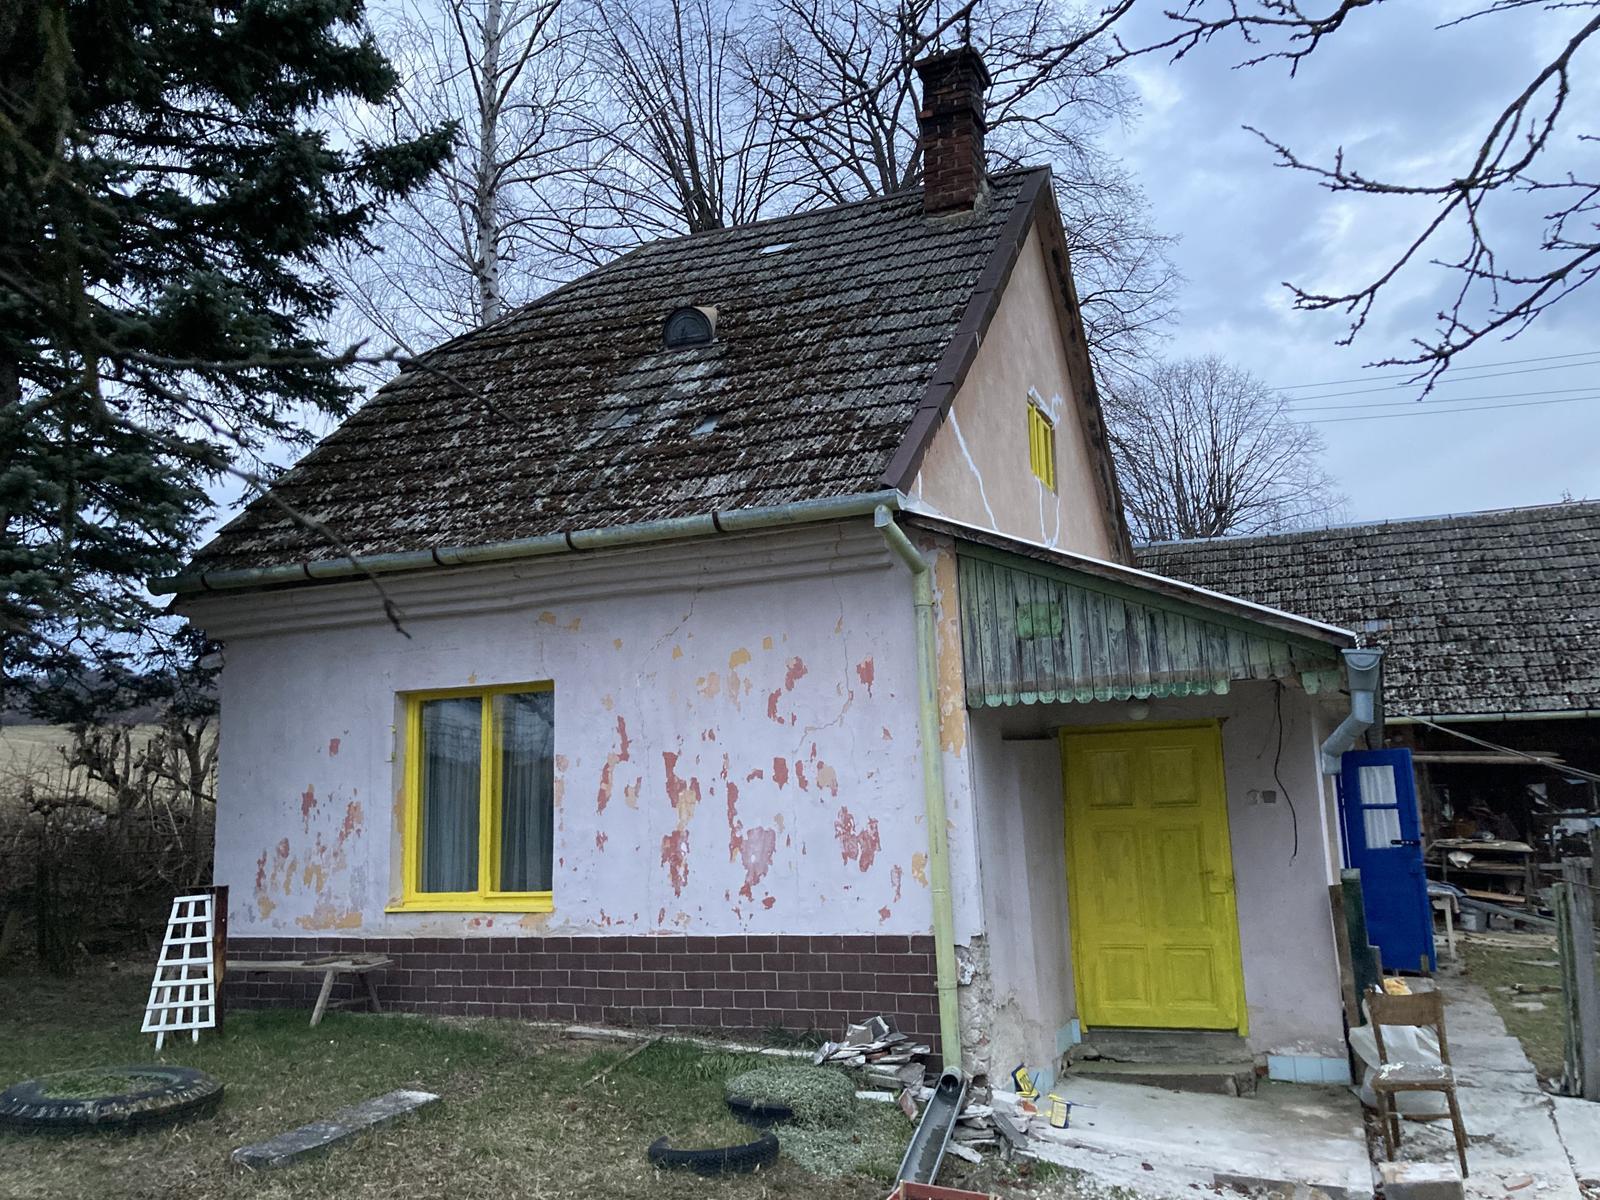 Dom - je to úplne iný pohľad ;) ešte to drevo hore na žlto a jasno červenú strechu a paráda ;)